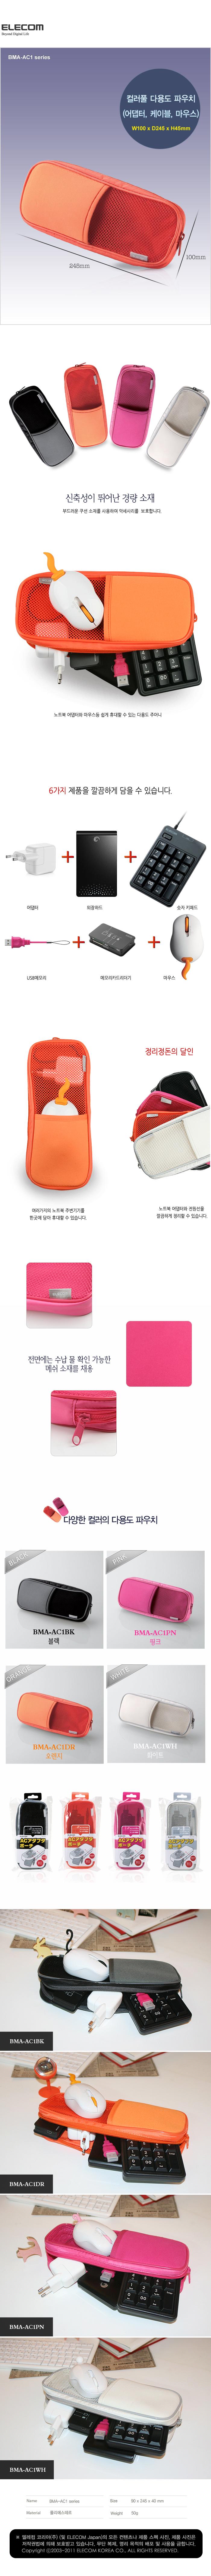 다용도 케이블 파우치 핑크 - 엘레컴, 9,900원, 다용도파우치, 지퍼형